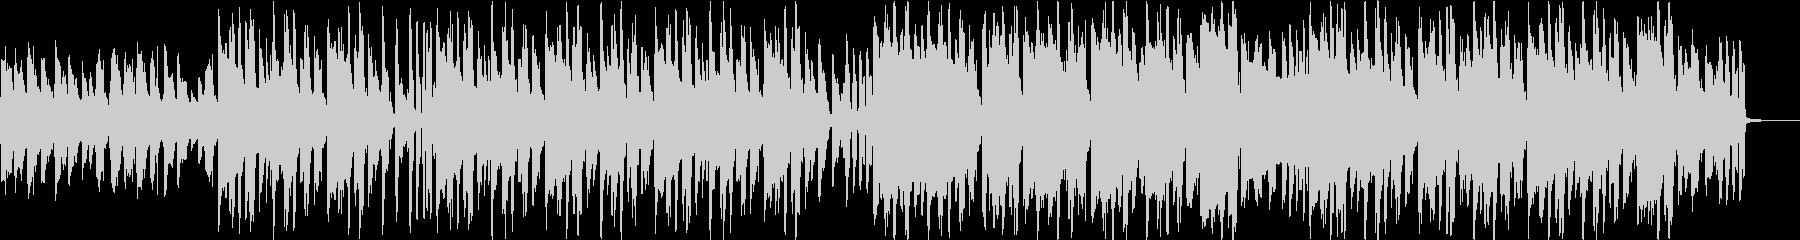 ゆったりLo-Fiサウンド+和楽器の未再生の波形